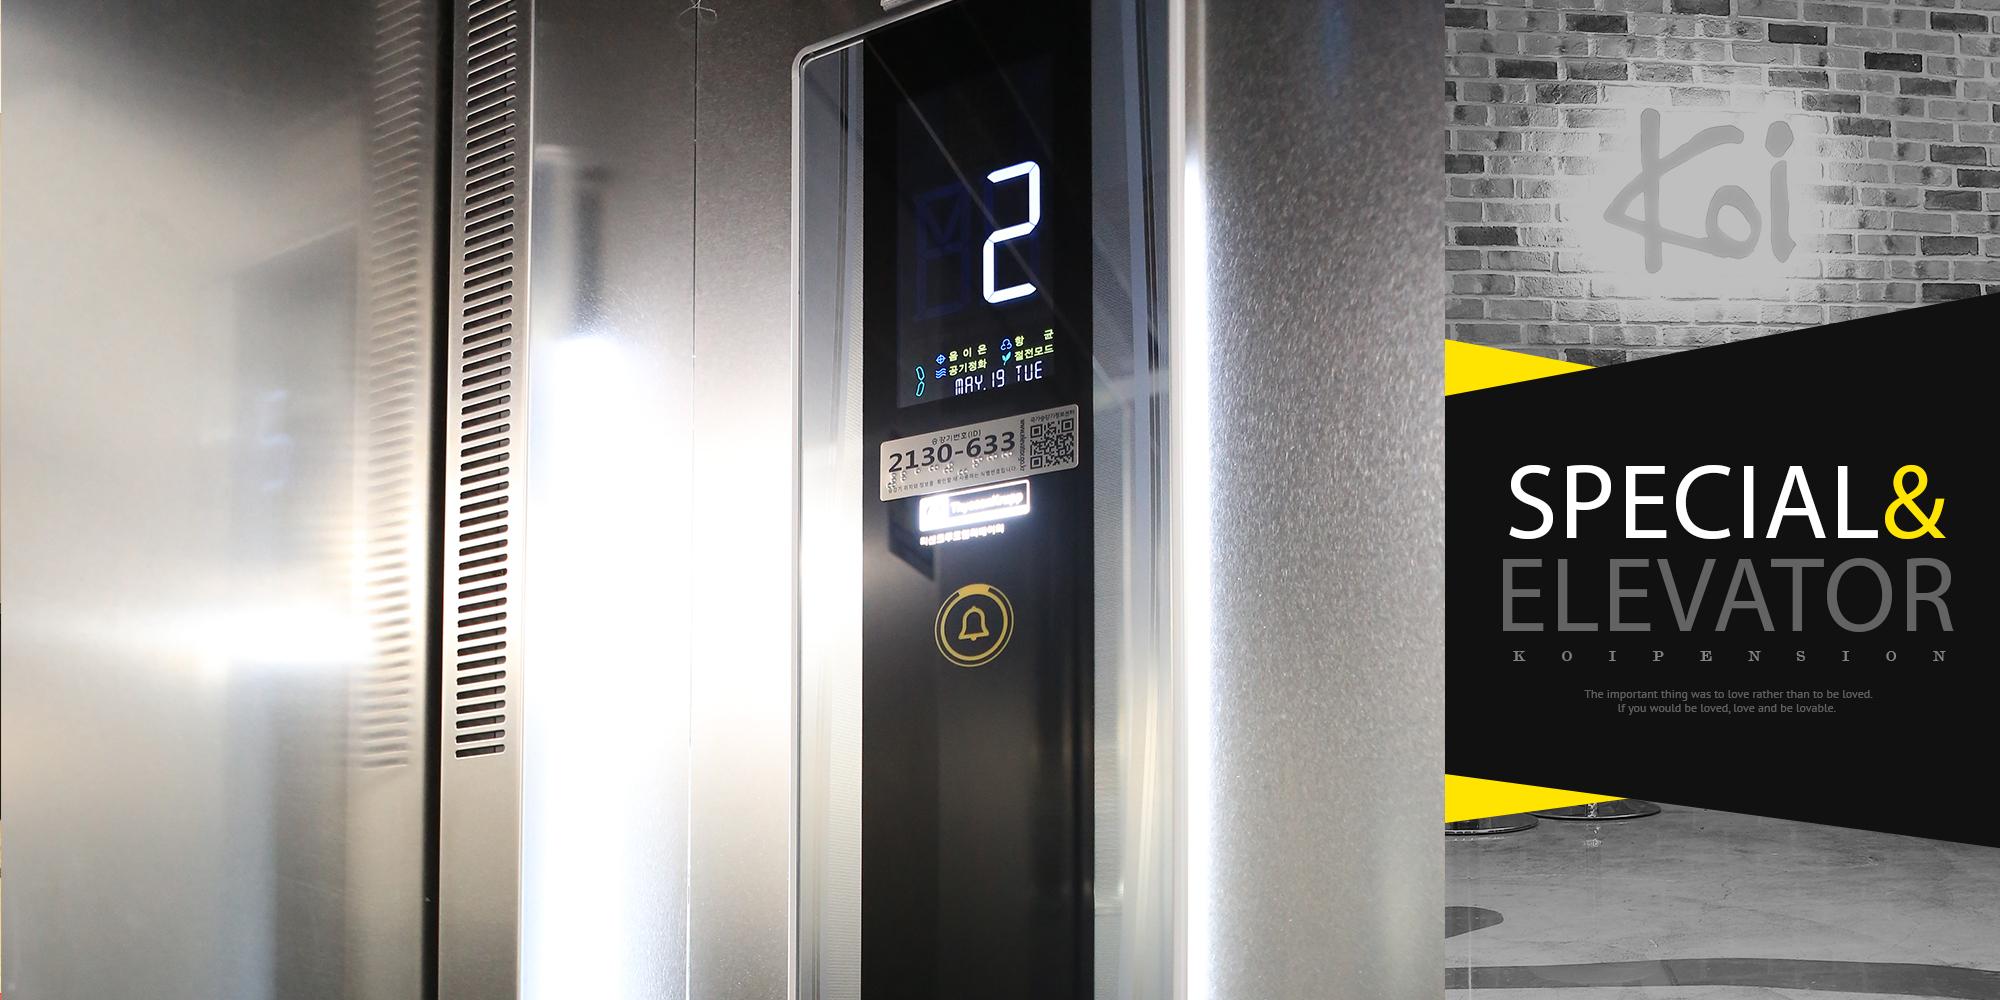 엘레베이터 이미지